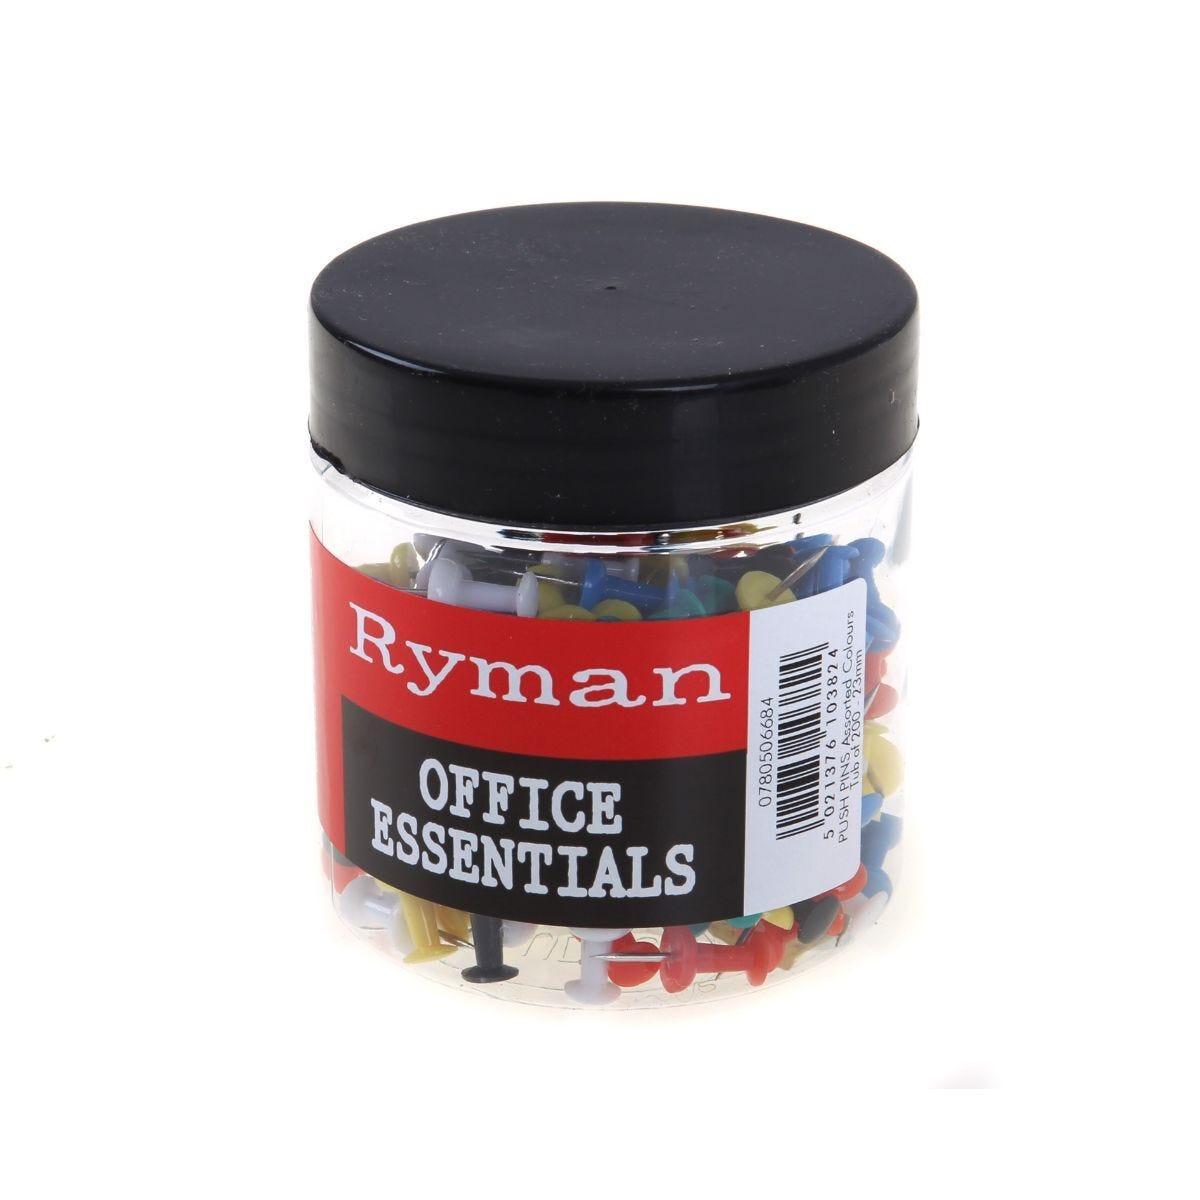 Ryman Push Pins 23mm 200 Pins